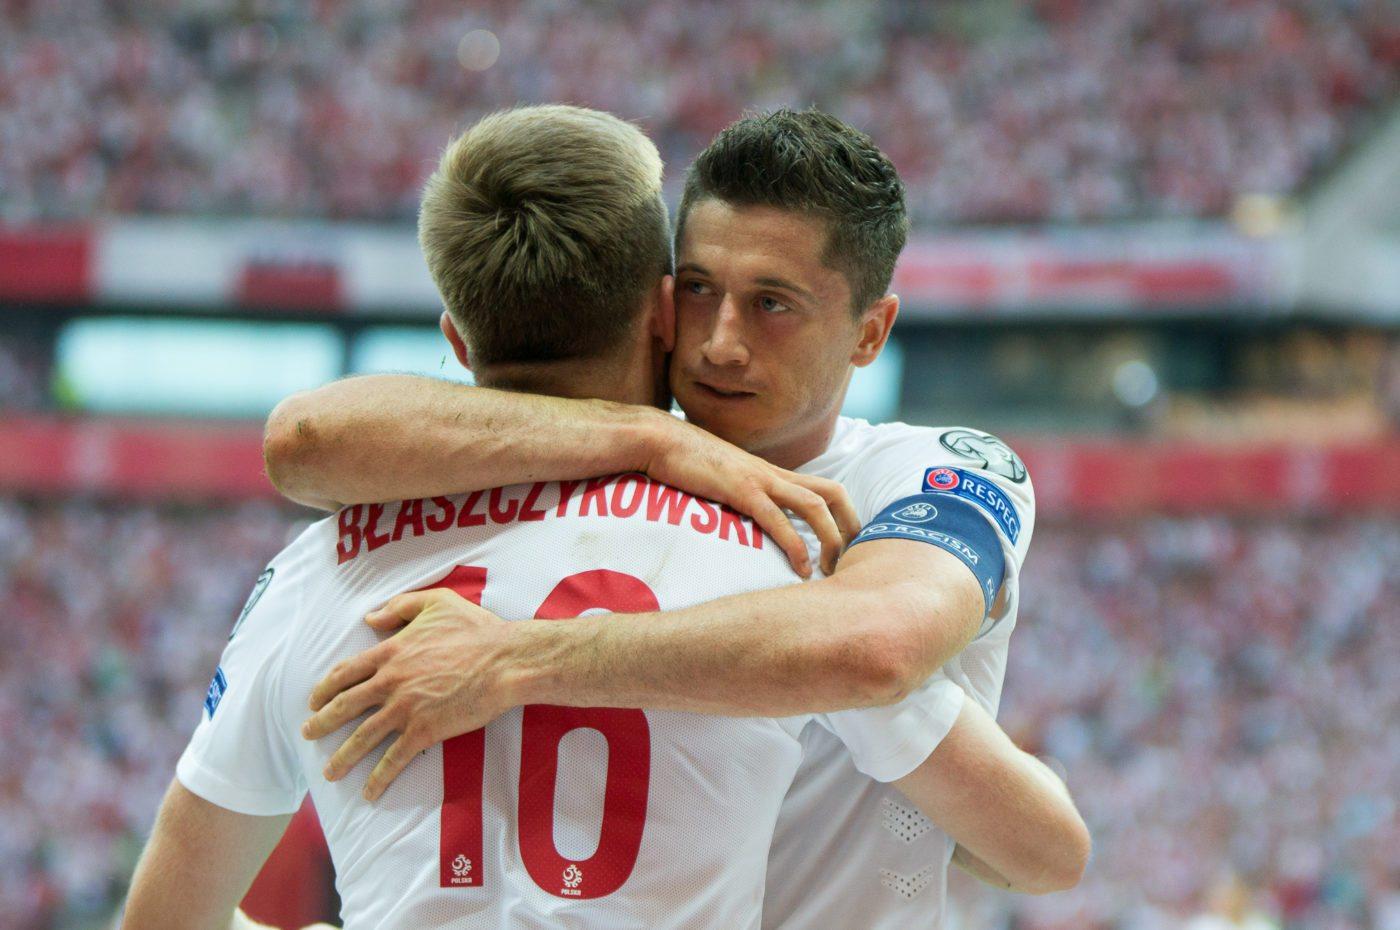 Milion euro od Lewandowskiego. Świat futbolu pomaga w dobie pandemii